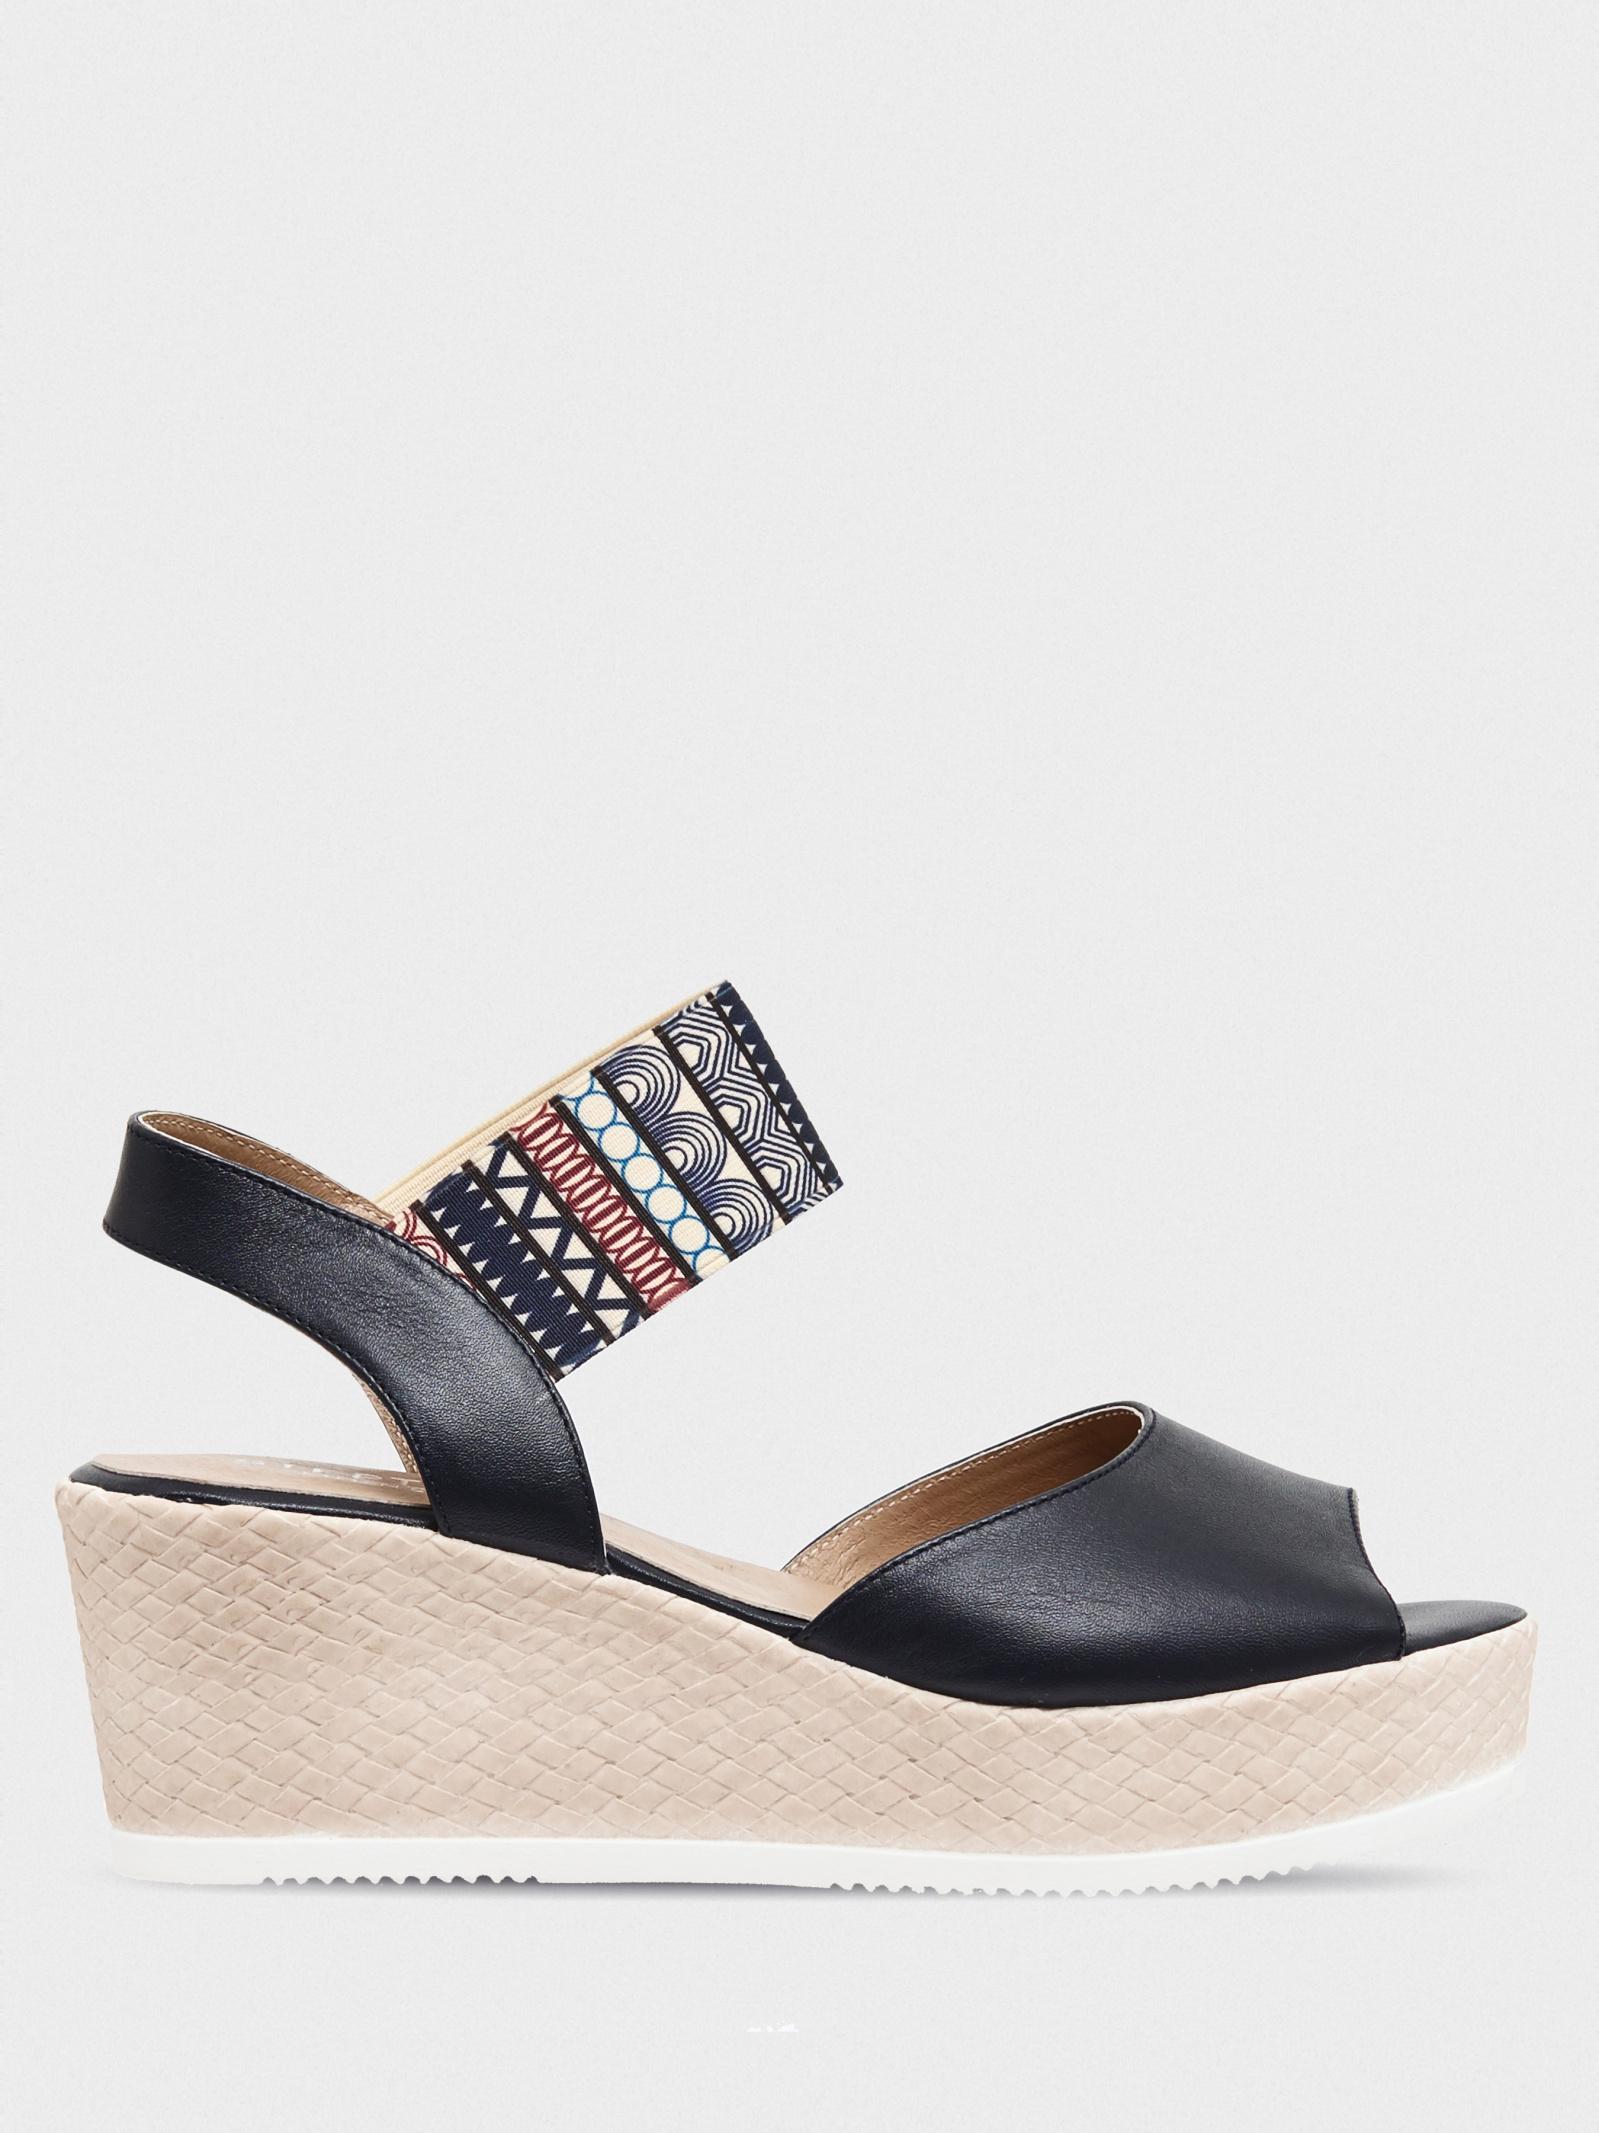 Босоніжки  для жінок Стептер 6897-1 розміри взуття, 2017